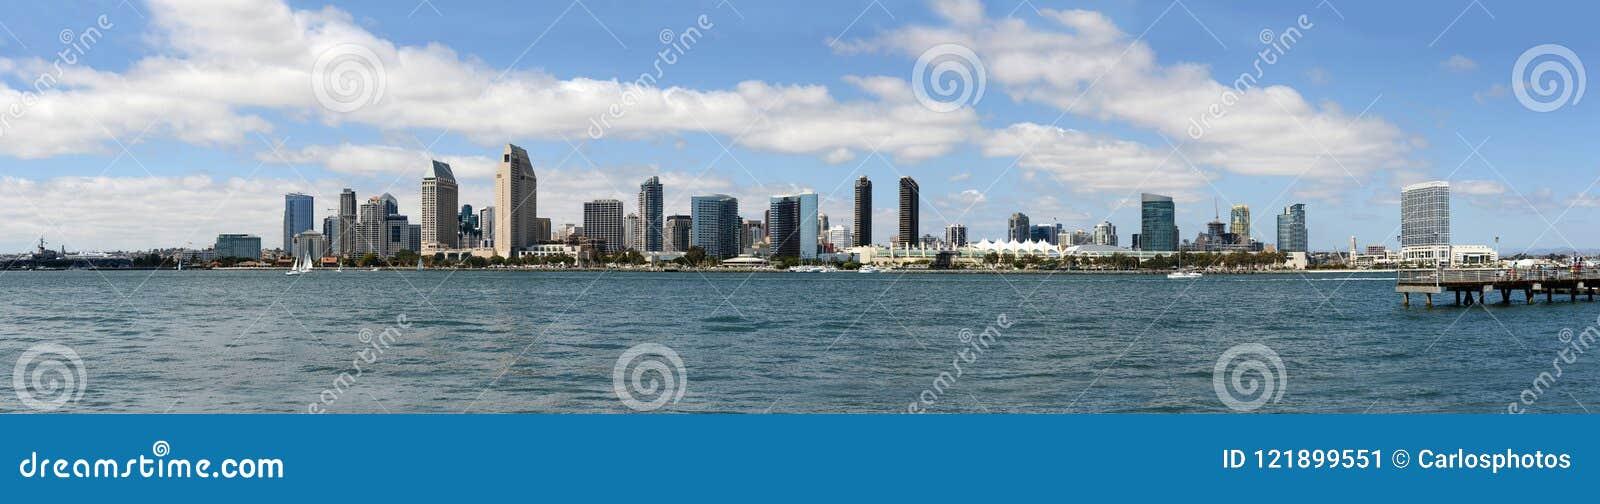 Panoramische Ansicht der Diego-Skyline